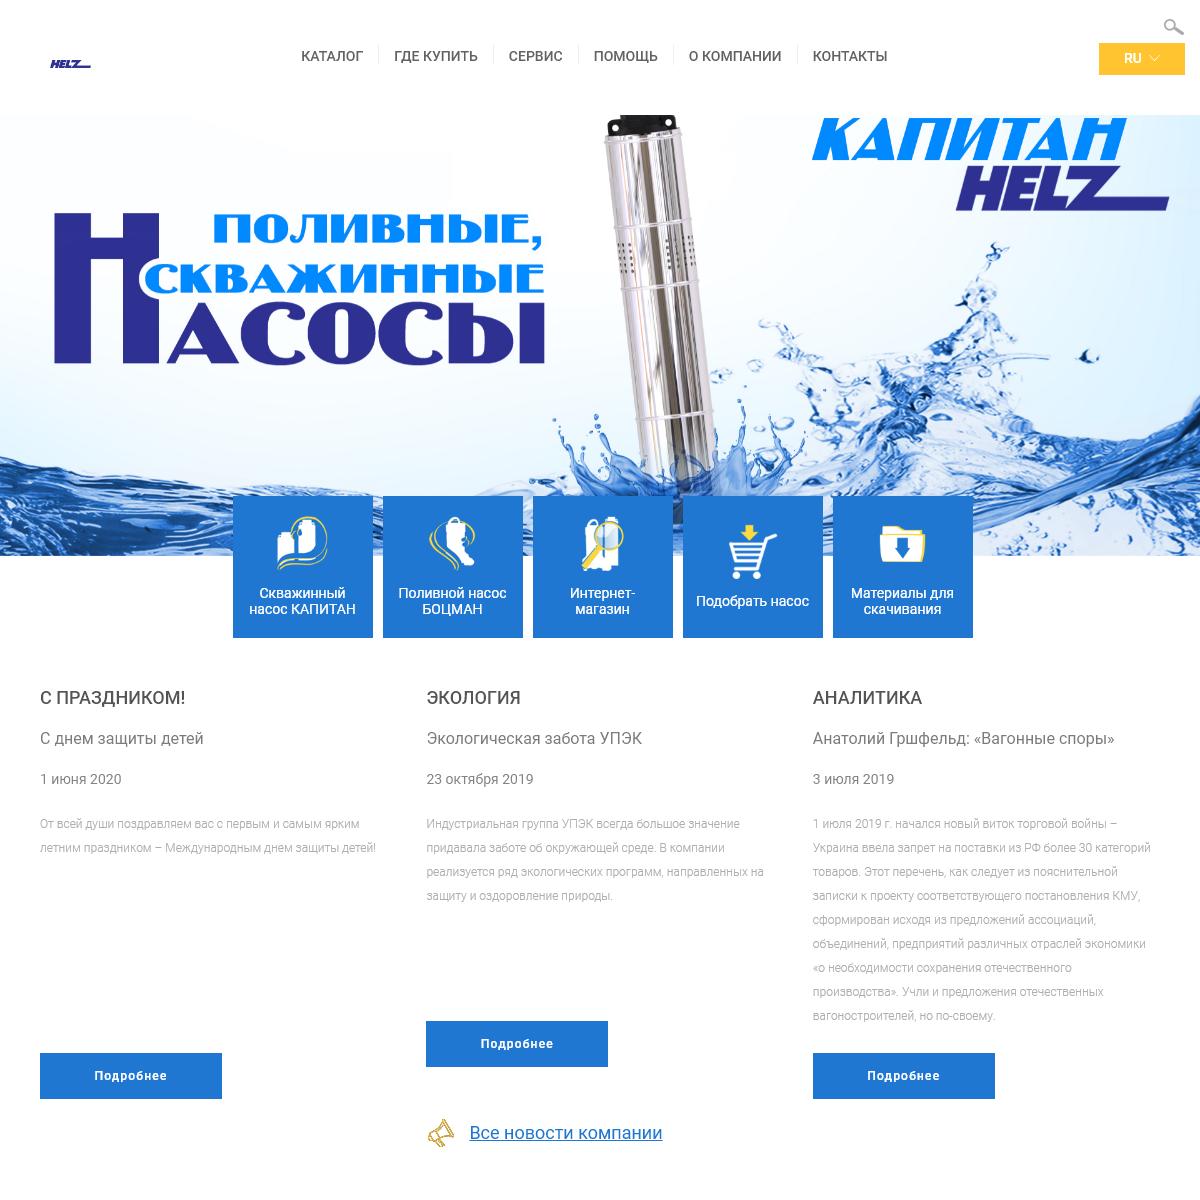 HELZ, Харьковский электротехнический завод - Скважинные и поливные насо